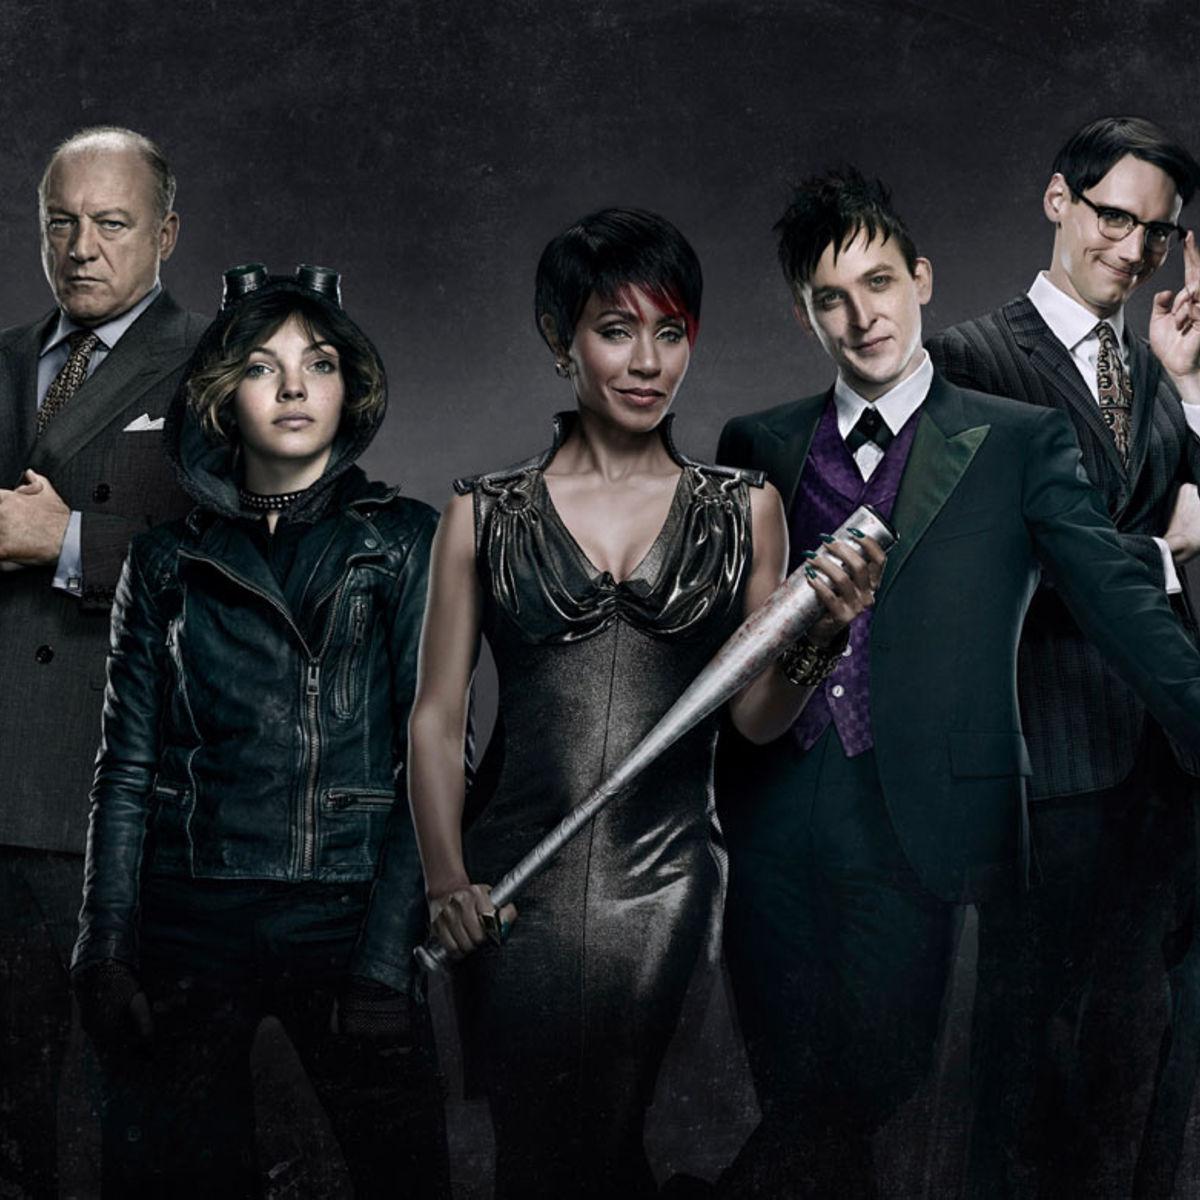 gotham-villains.jpg